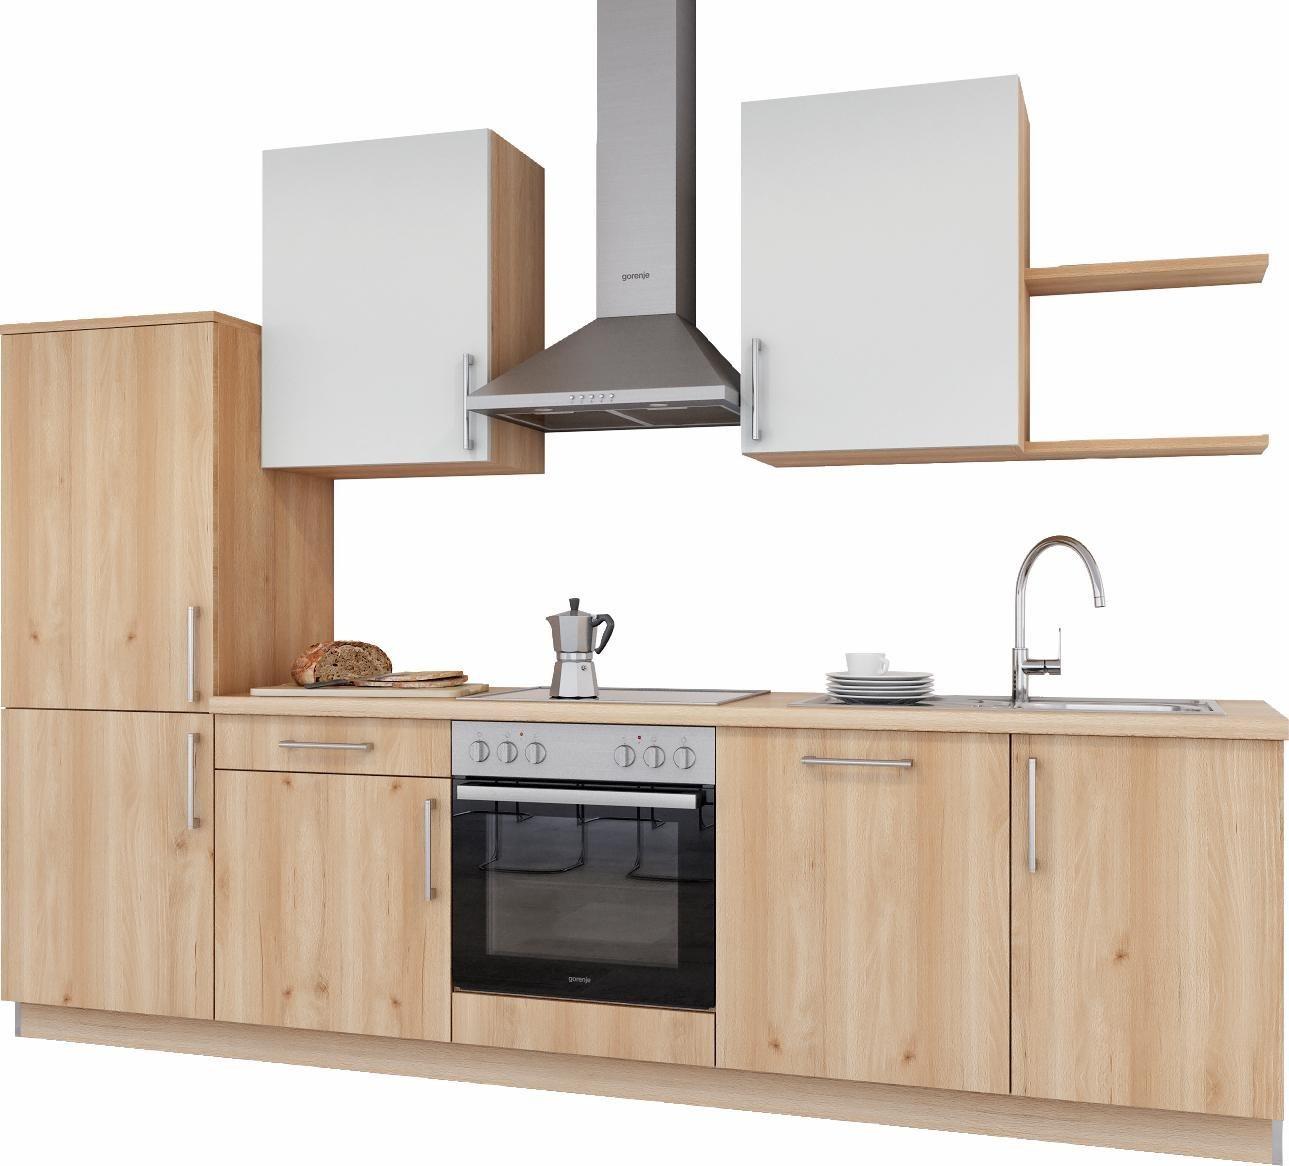 Küchenzeile Holz Mit Geräten ~ cinderella schrank preisvergleiche, erfahrungsberichte und kauf bei nextag